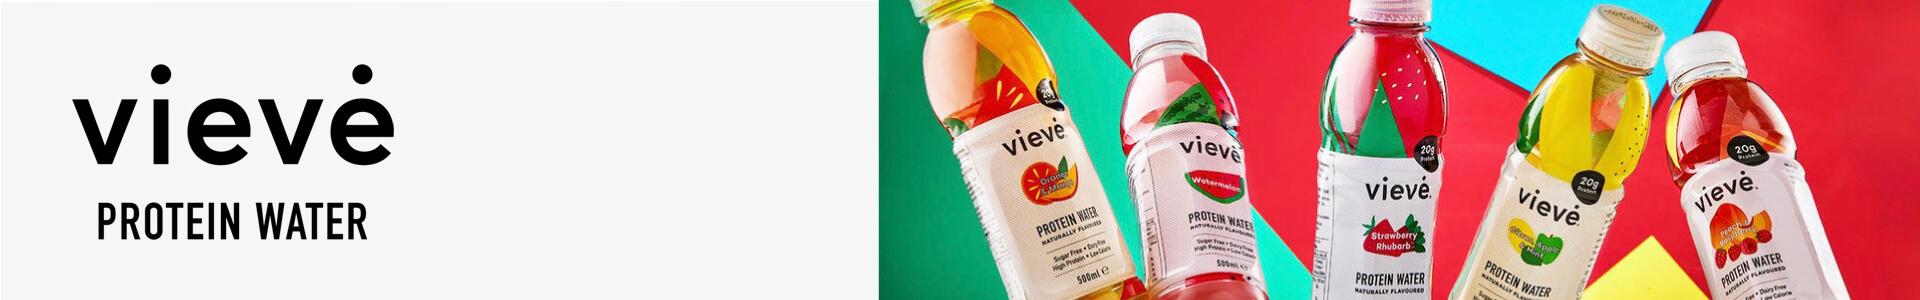 banner vieve protein water